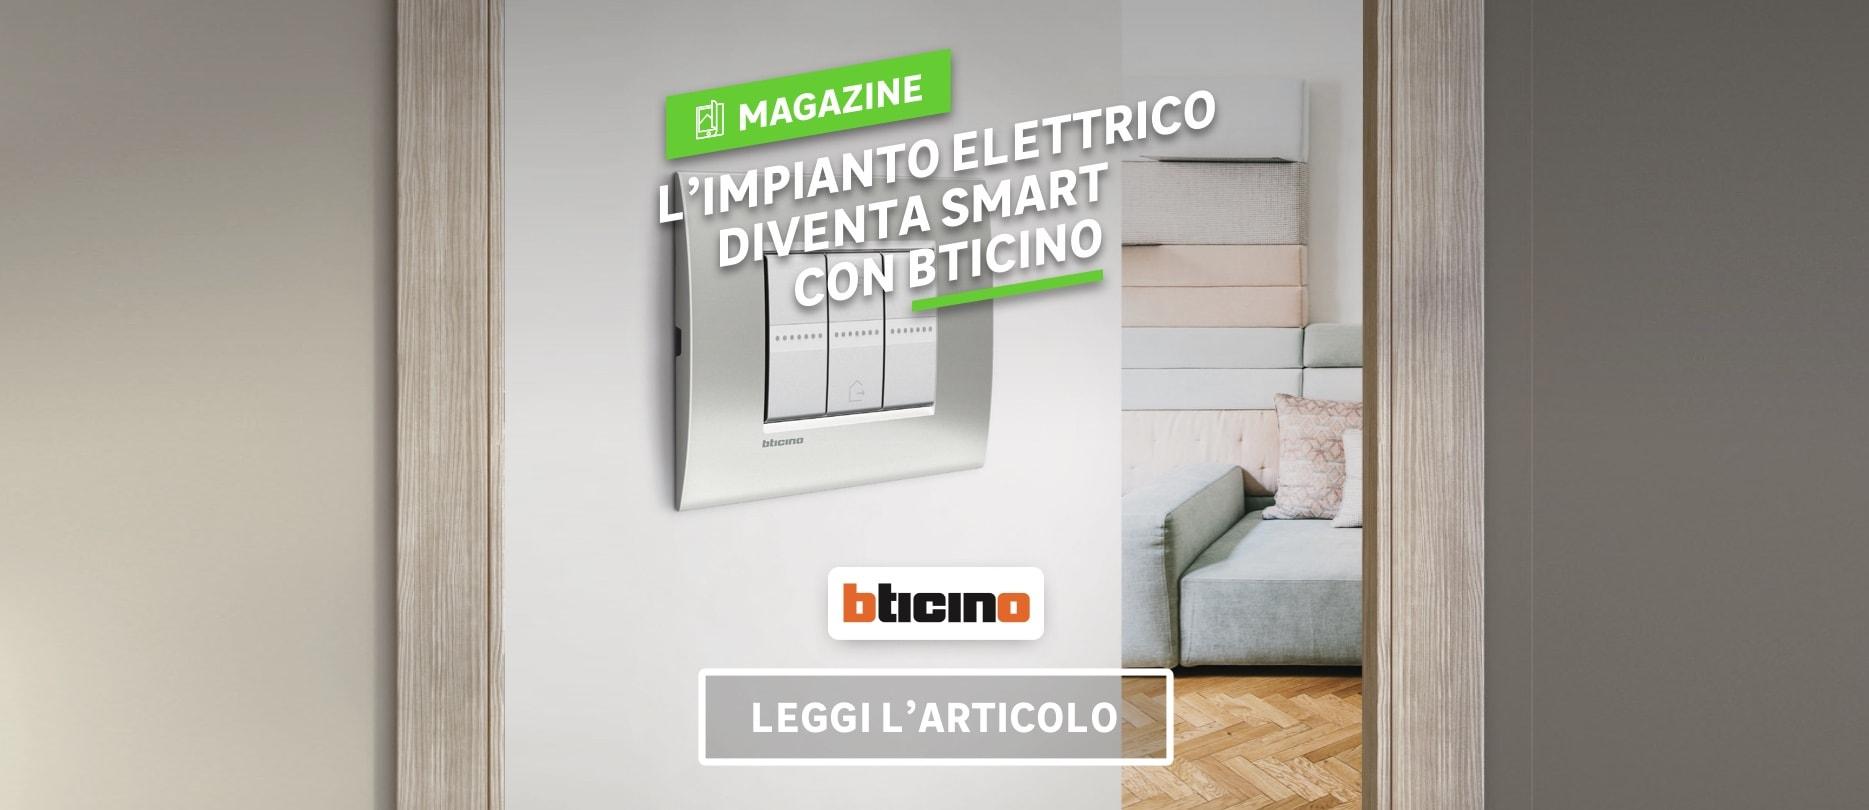 Articolo magazine: Impianto elettrico Smart